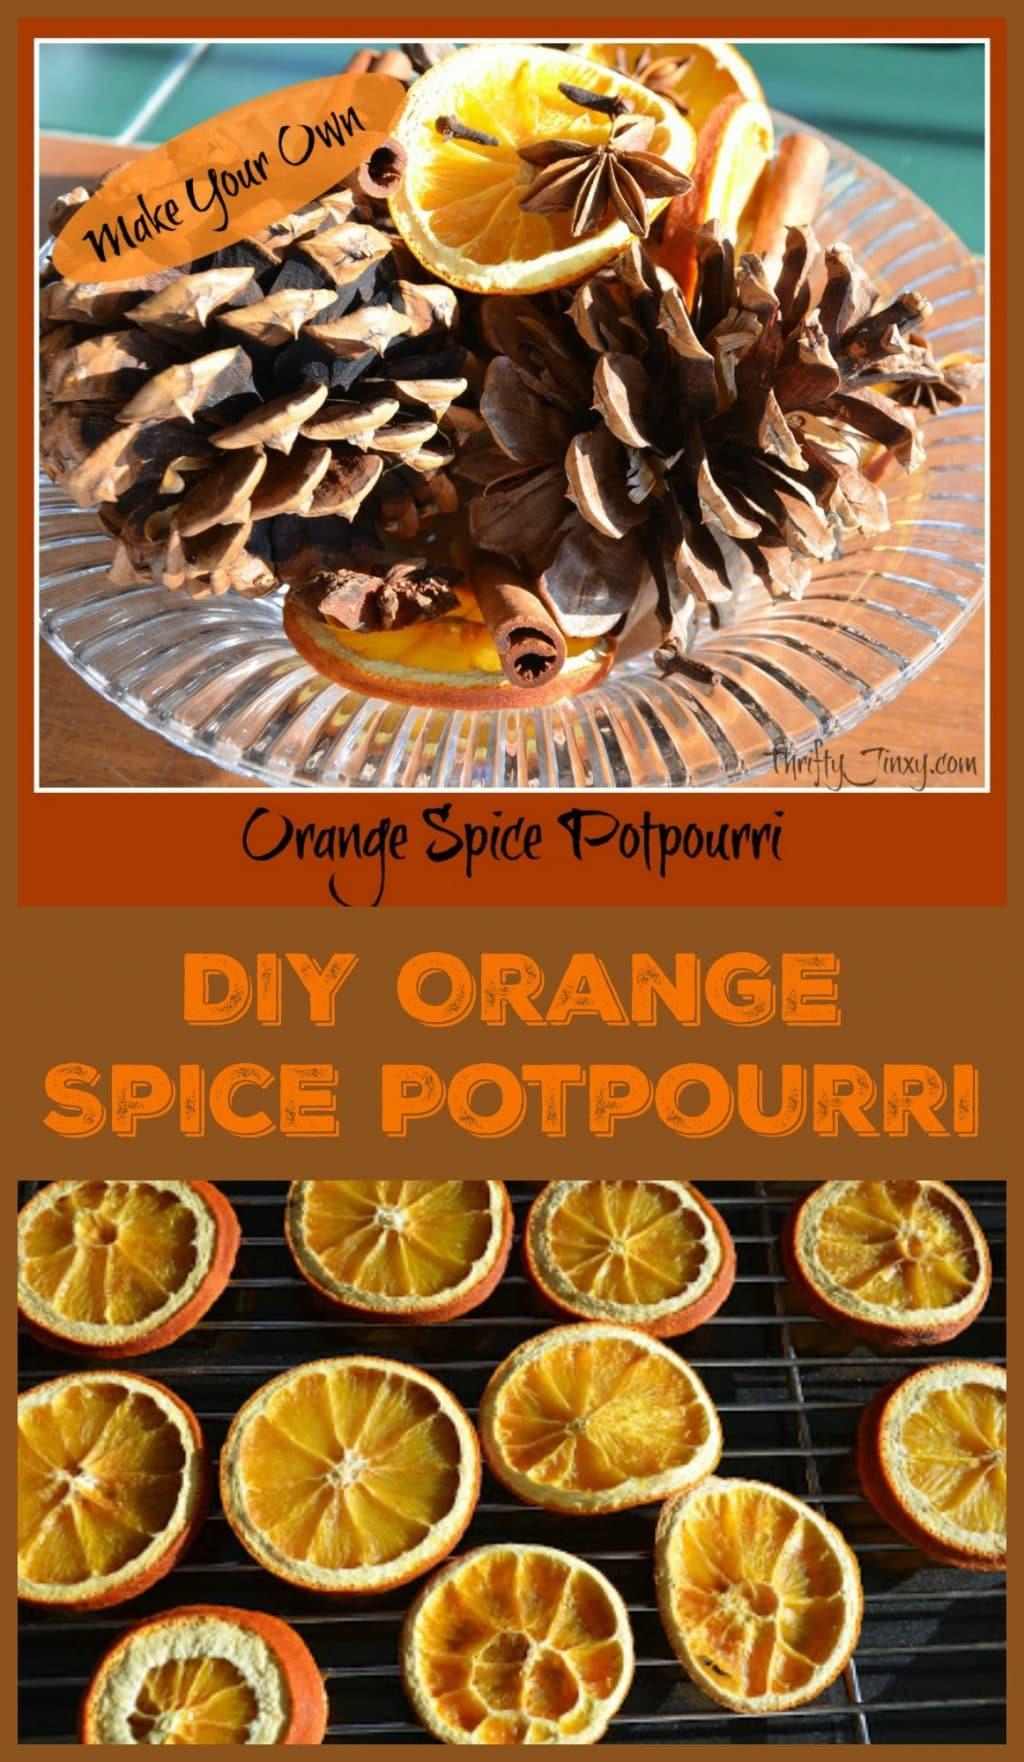 DIY Orange Spice Potpourri (1)